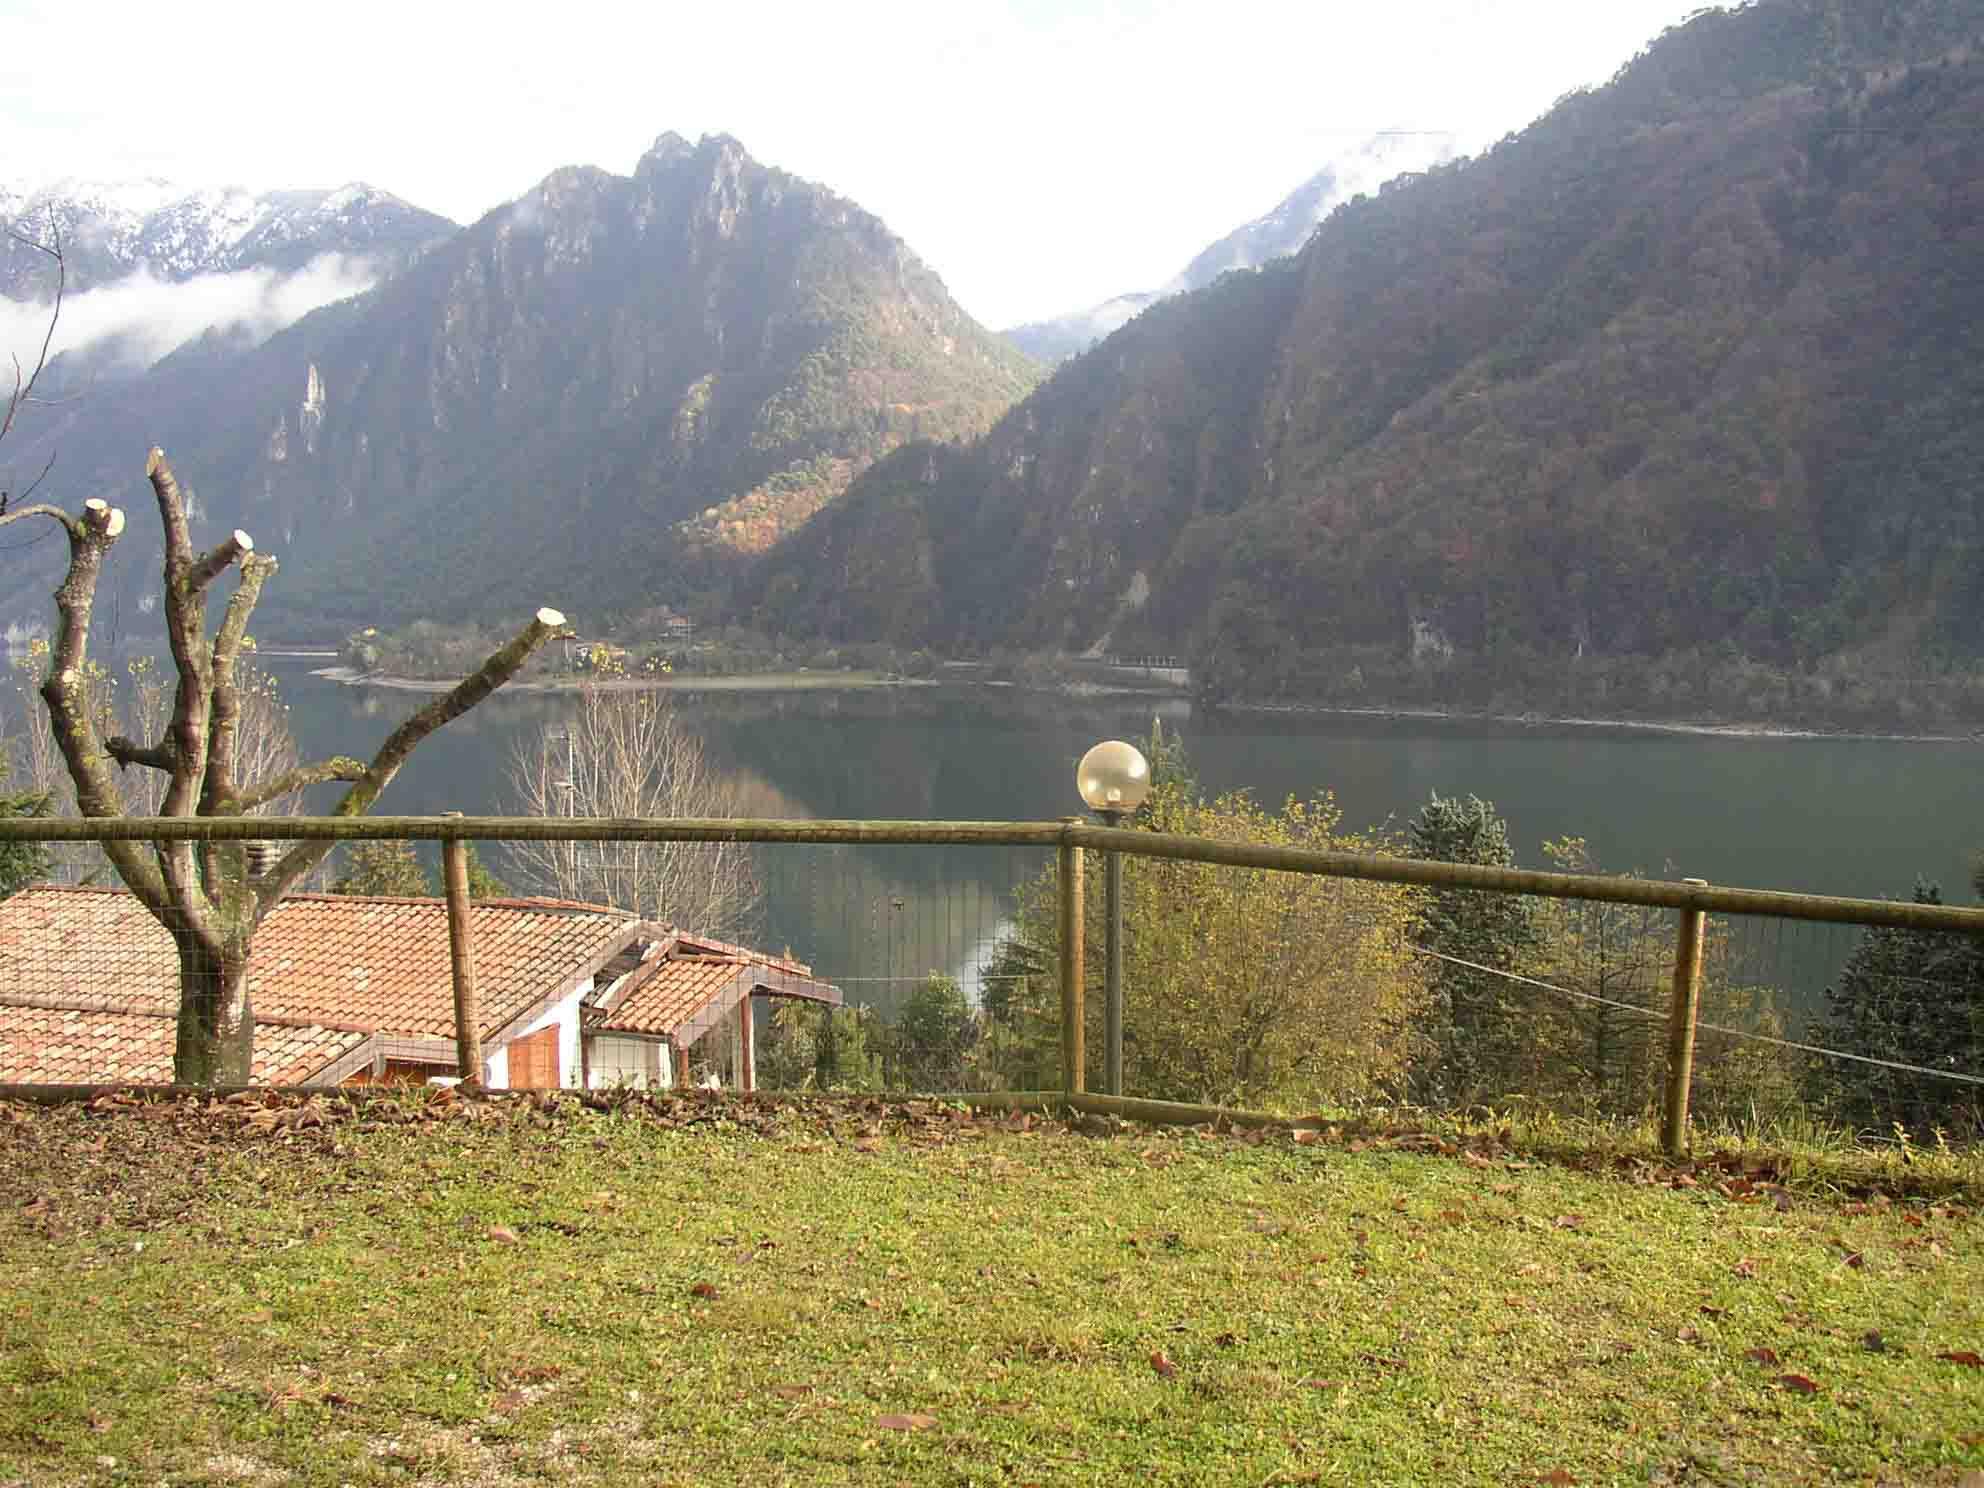 Vista panoramica Casa Marcella - Lago d' Idro - Hotel Alpino